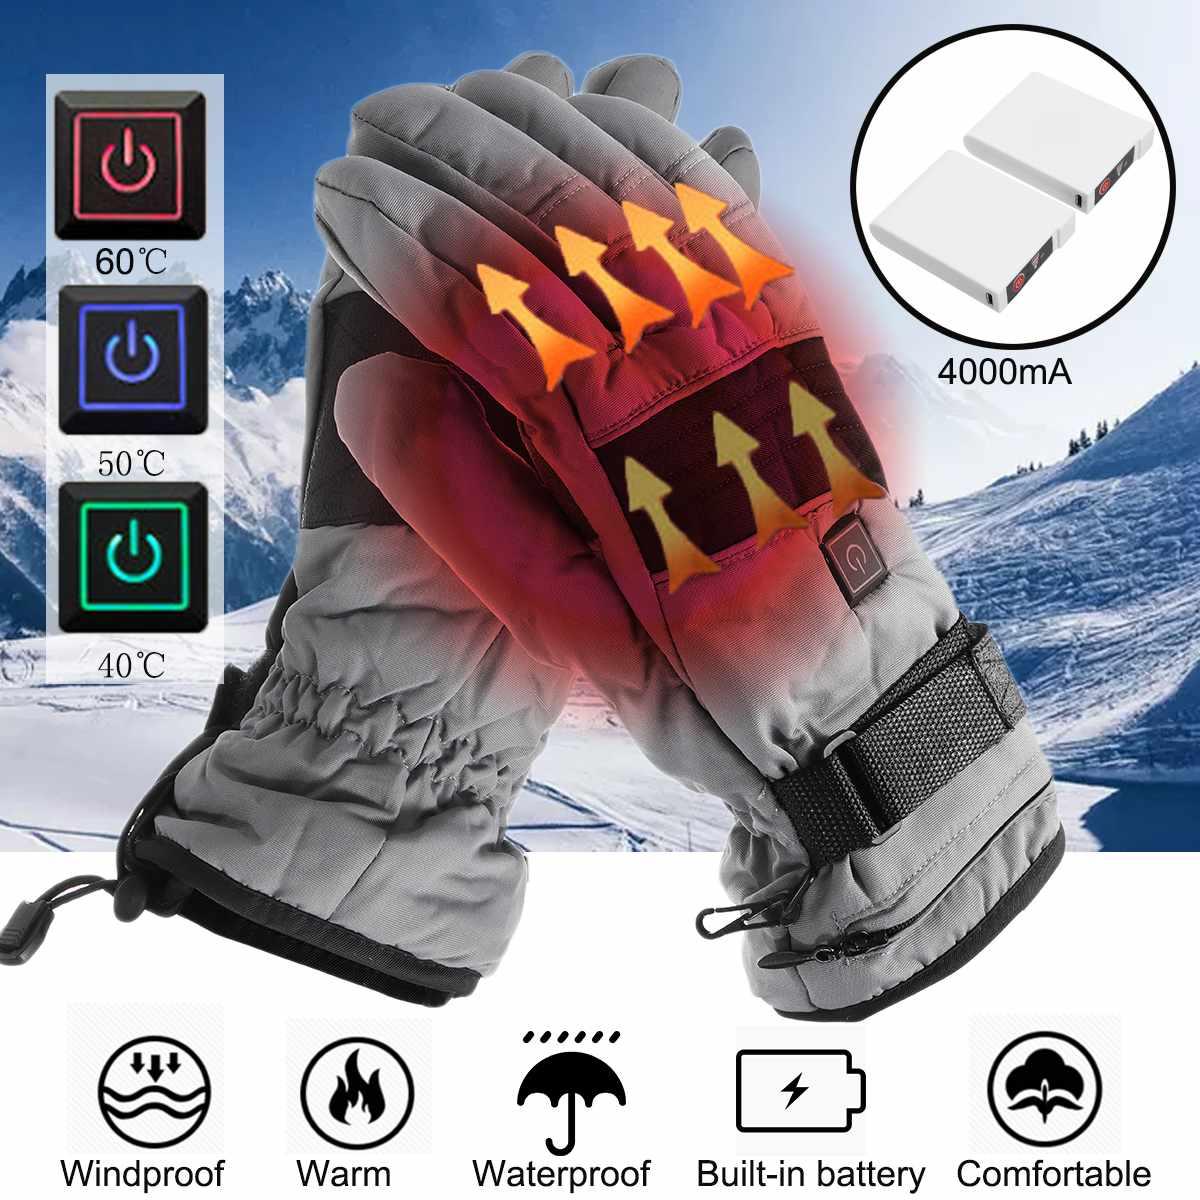 4000 mah Électrique Thermique Chaud et Imperméable Gants Chauffants Batterie Alimenté Pour Moto Ski Ski Gants Hiver Chaud À La Main